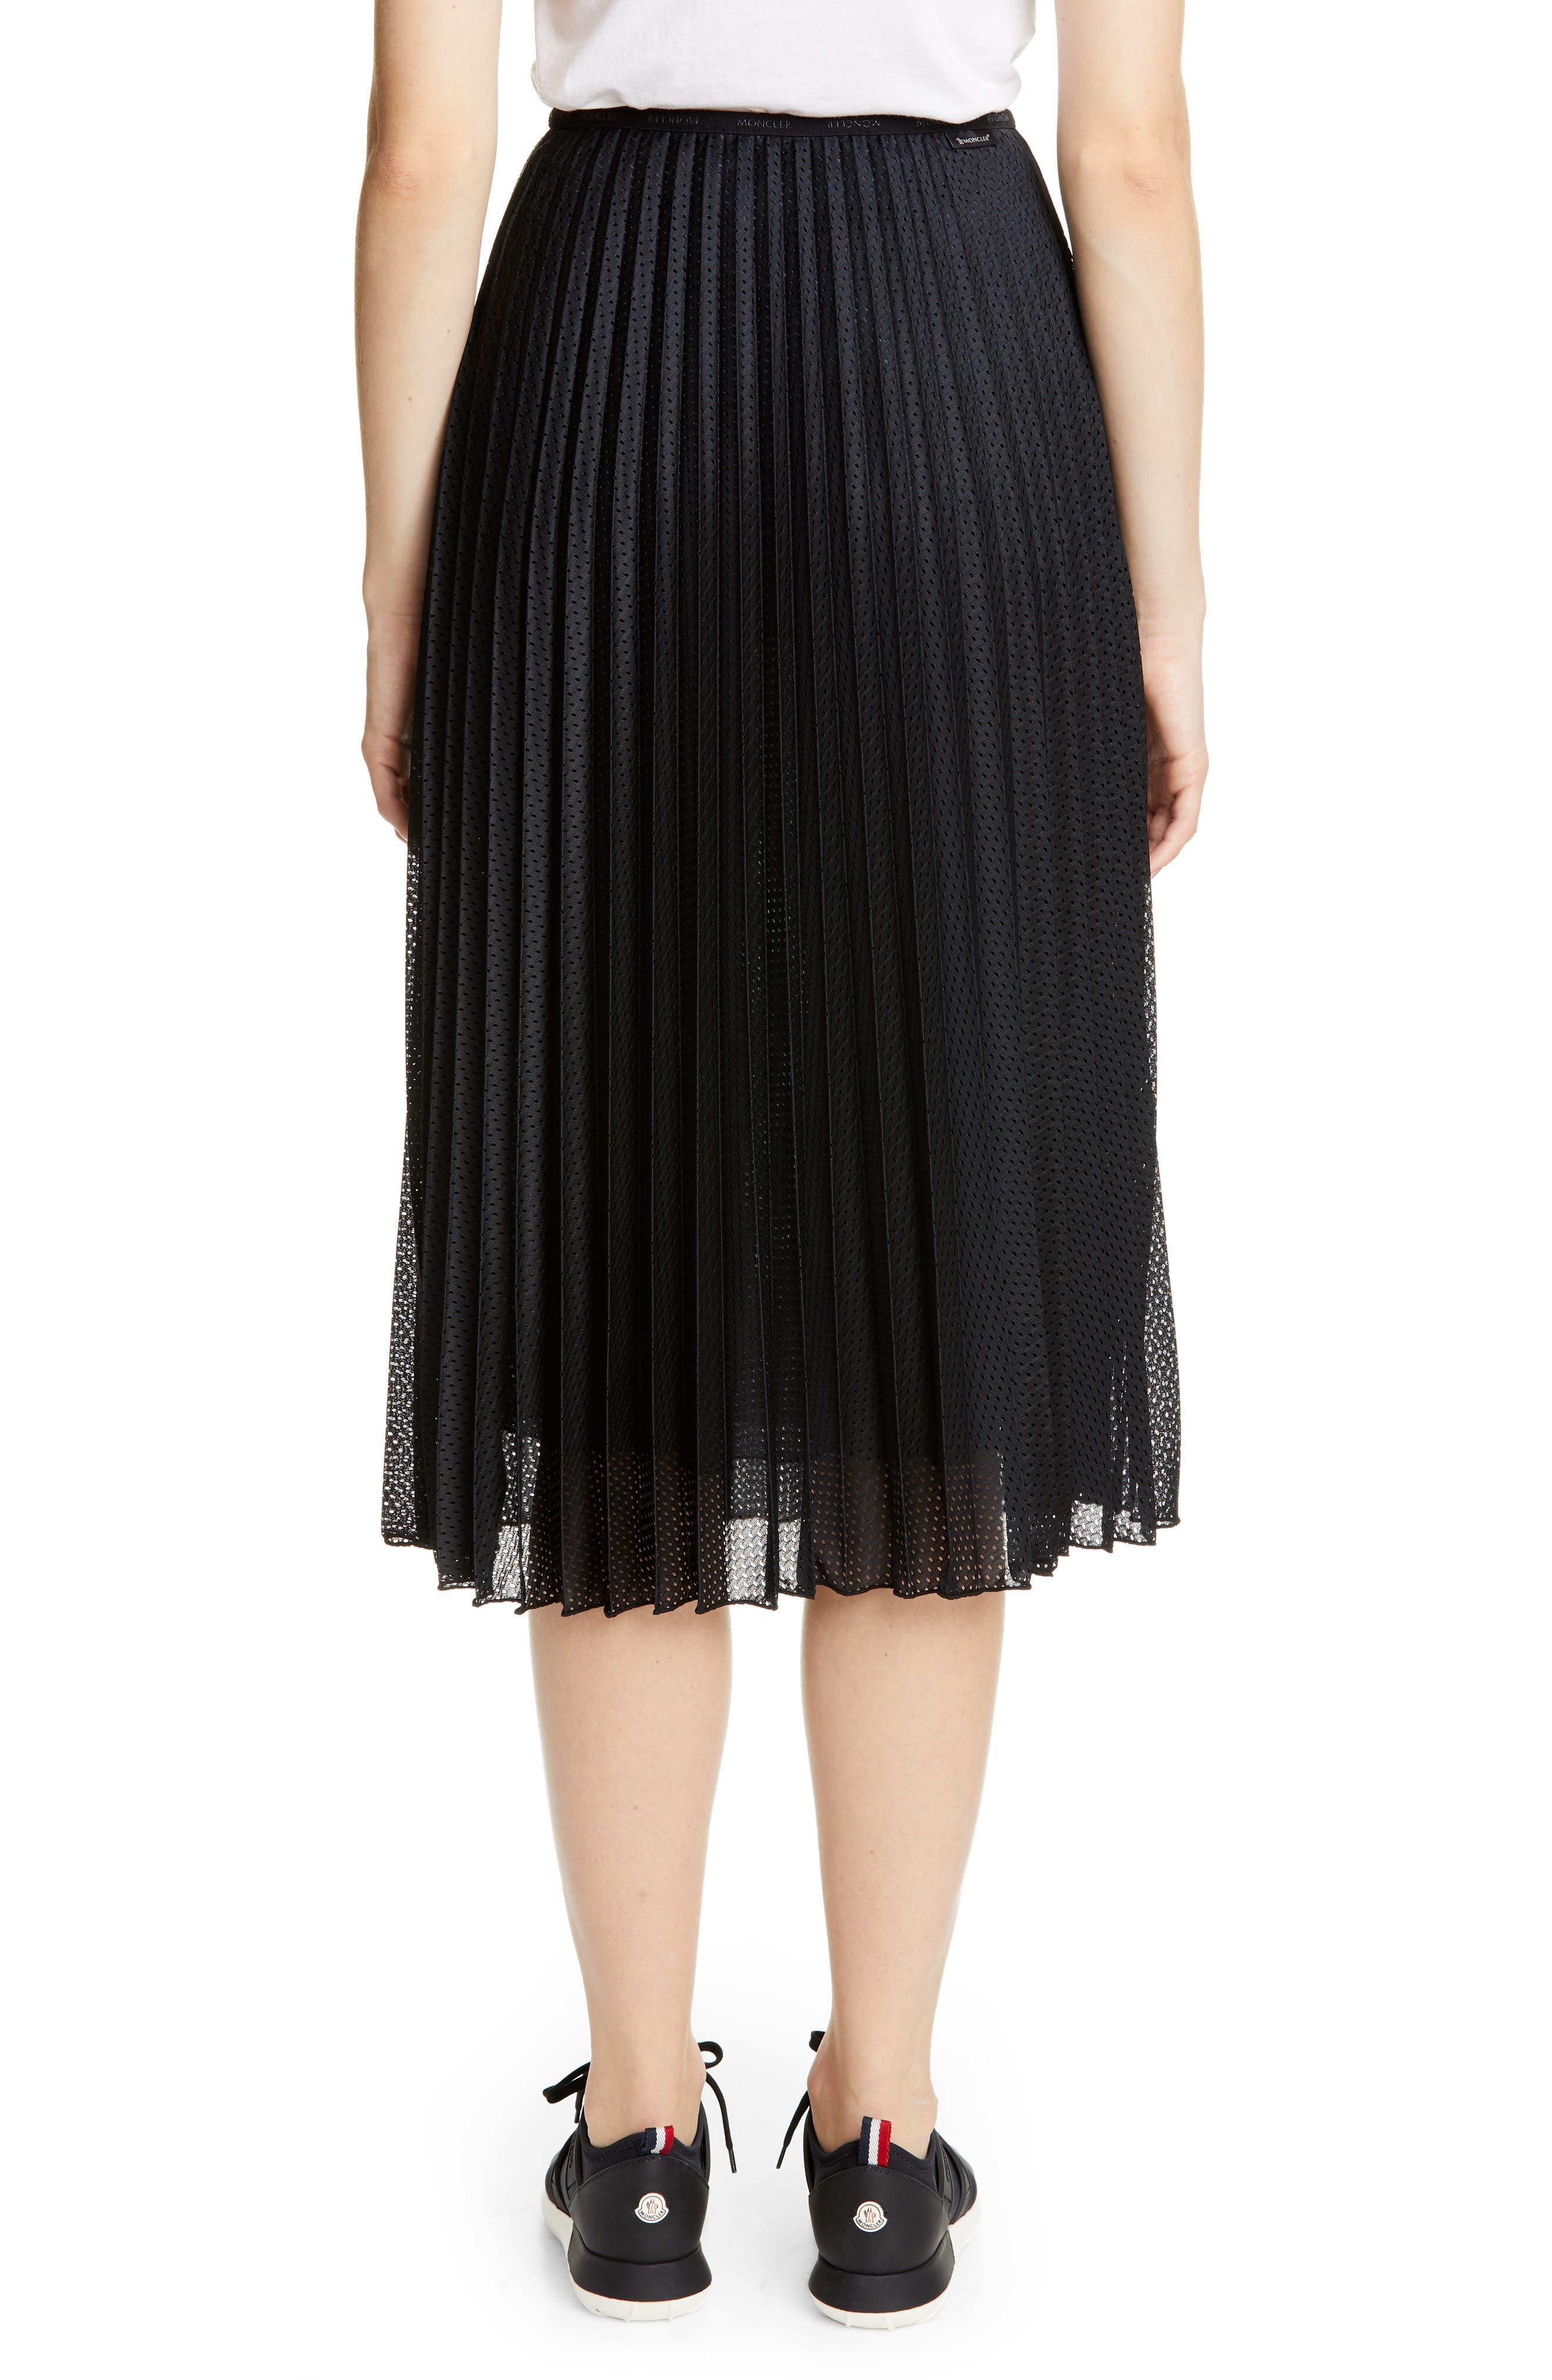 MONCLER, Pleated Mesh Skirt, Alternate thumbnail 2, color, 001